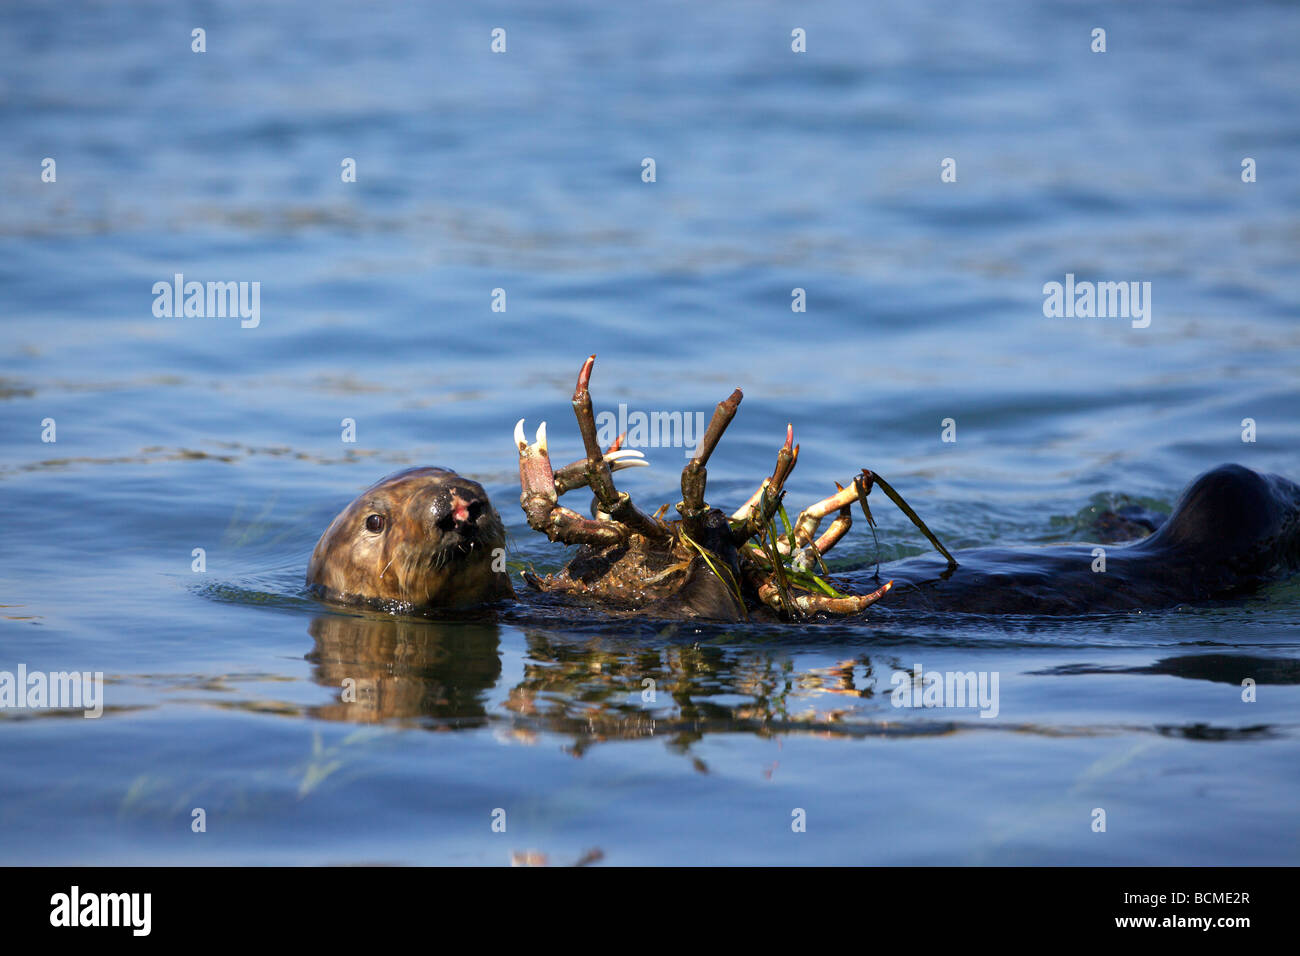 Weibliche Seeotter (Enhydra Lutris) verbraucht ein Schaf Krabbe in Elkhorn Slough, Moss Landing, Kalifornien. Stockbild